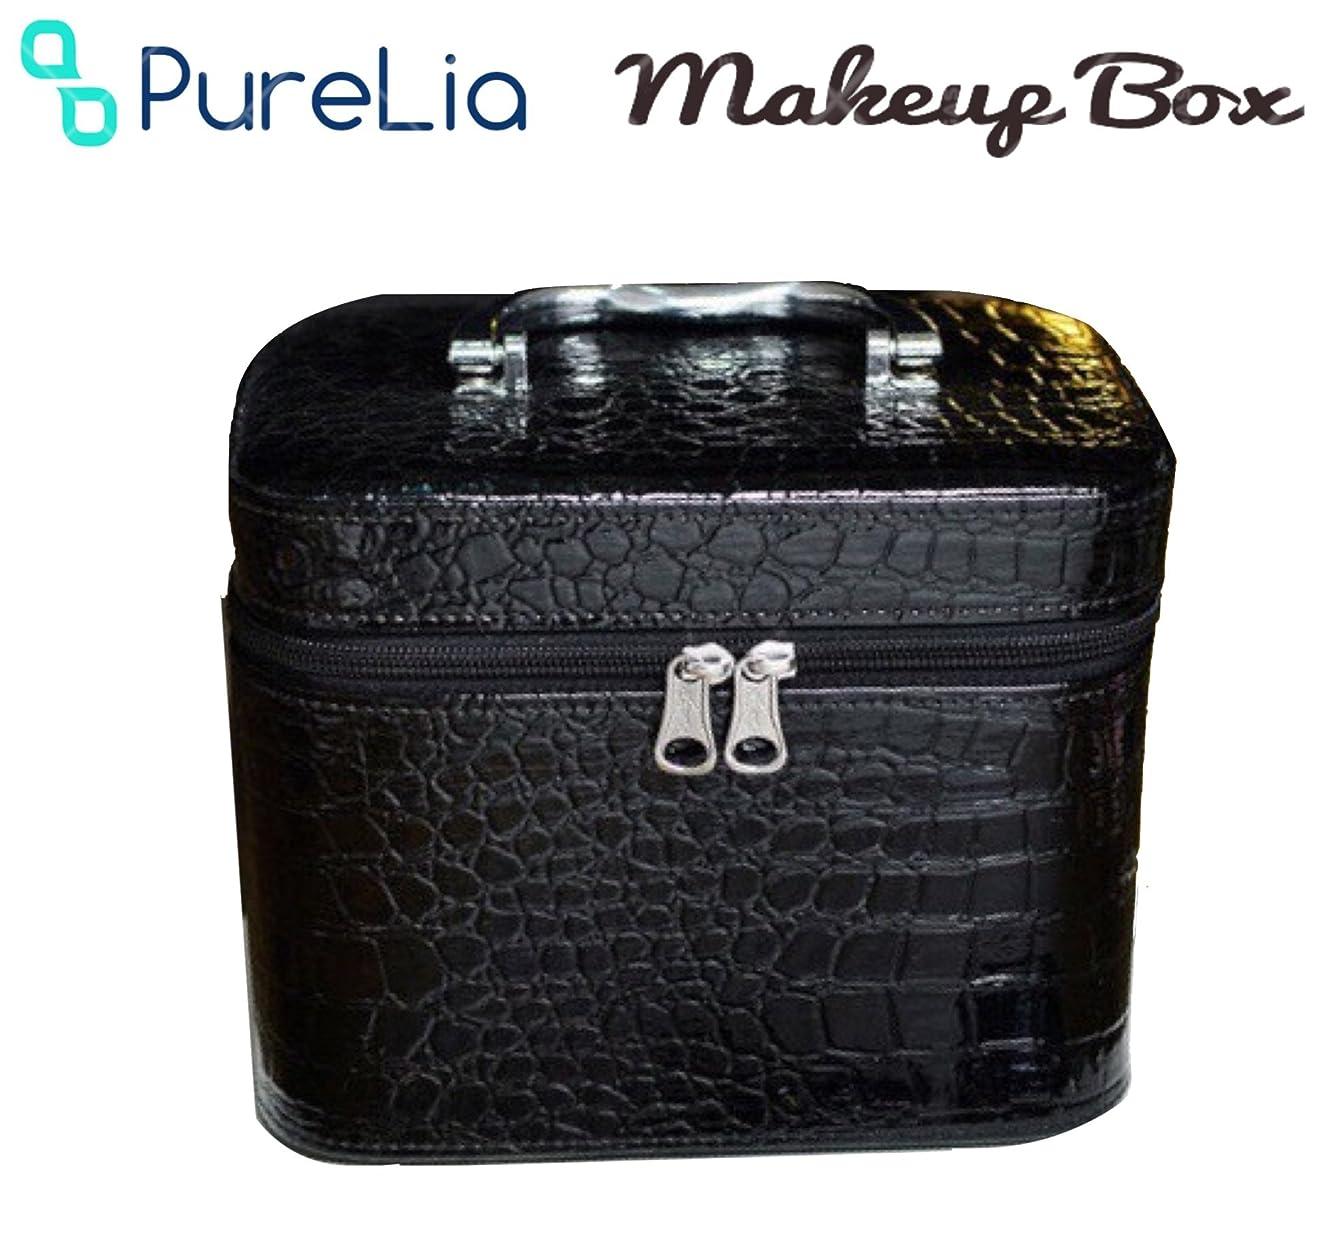 擬人化影のある怠なPureLia ピュアリア メイクボックス 鏡付き レザー クロコ柄 高級 小物 コスメ 化粧 収納 ボックス (ブラック)